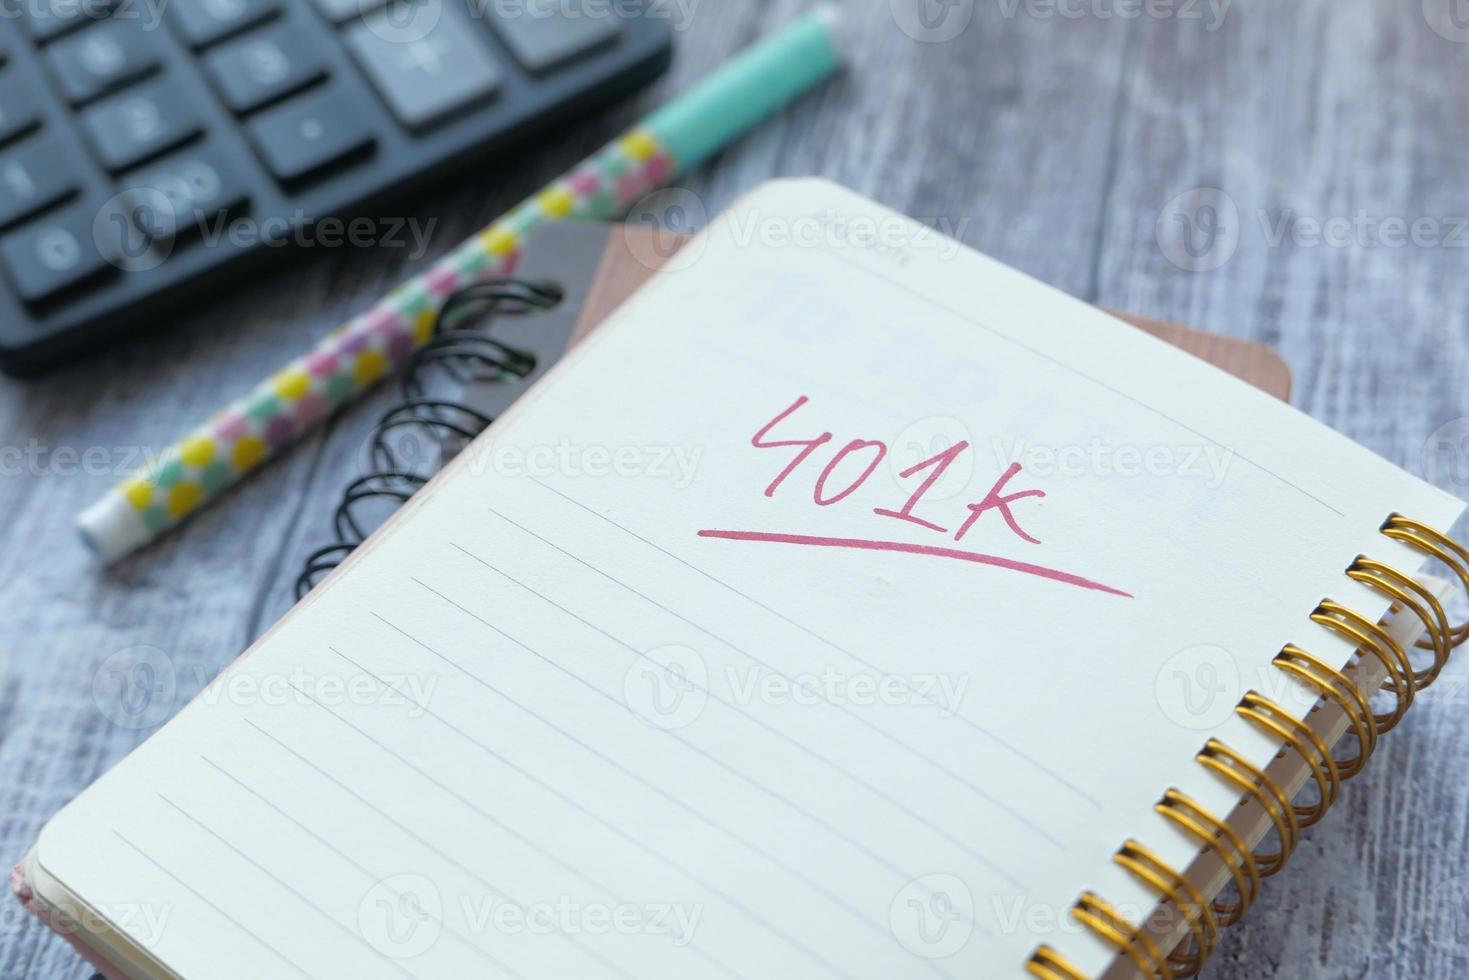 bloco de notas com palavra 401k foto